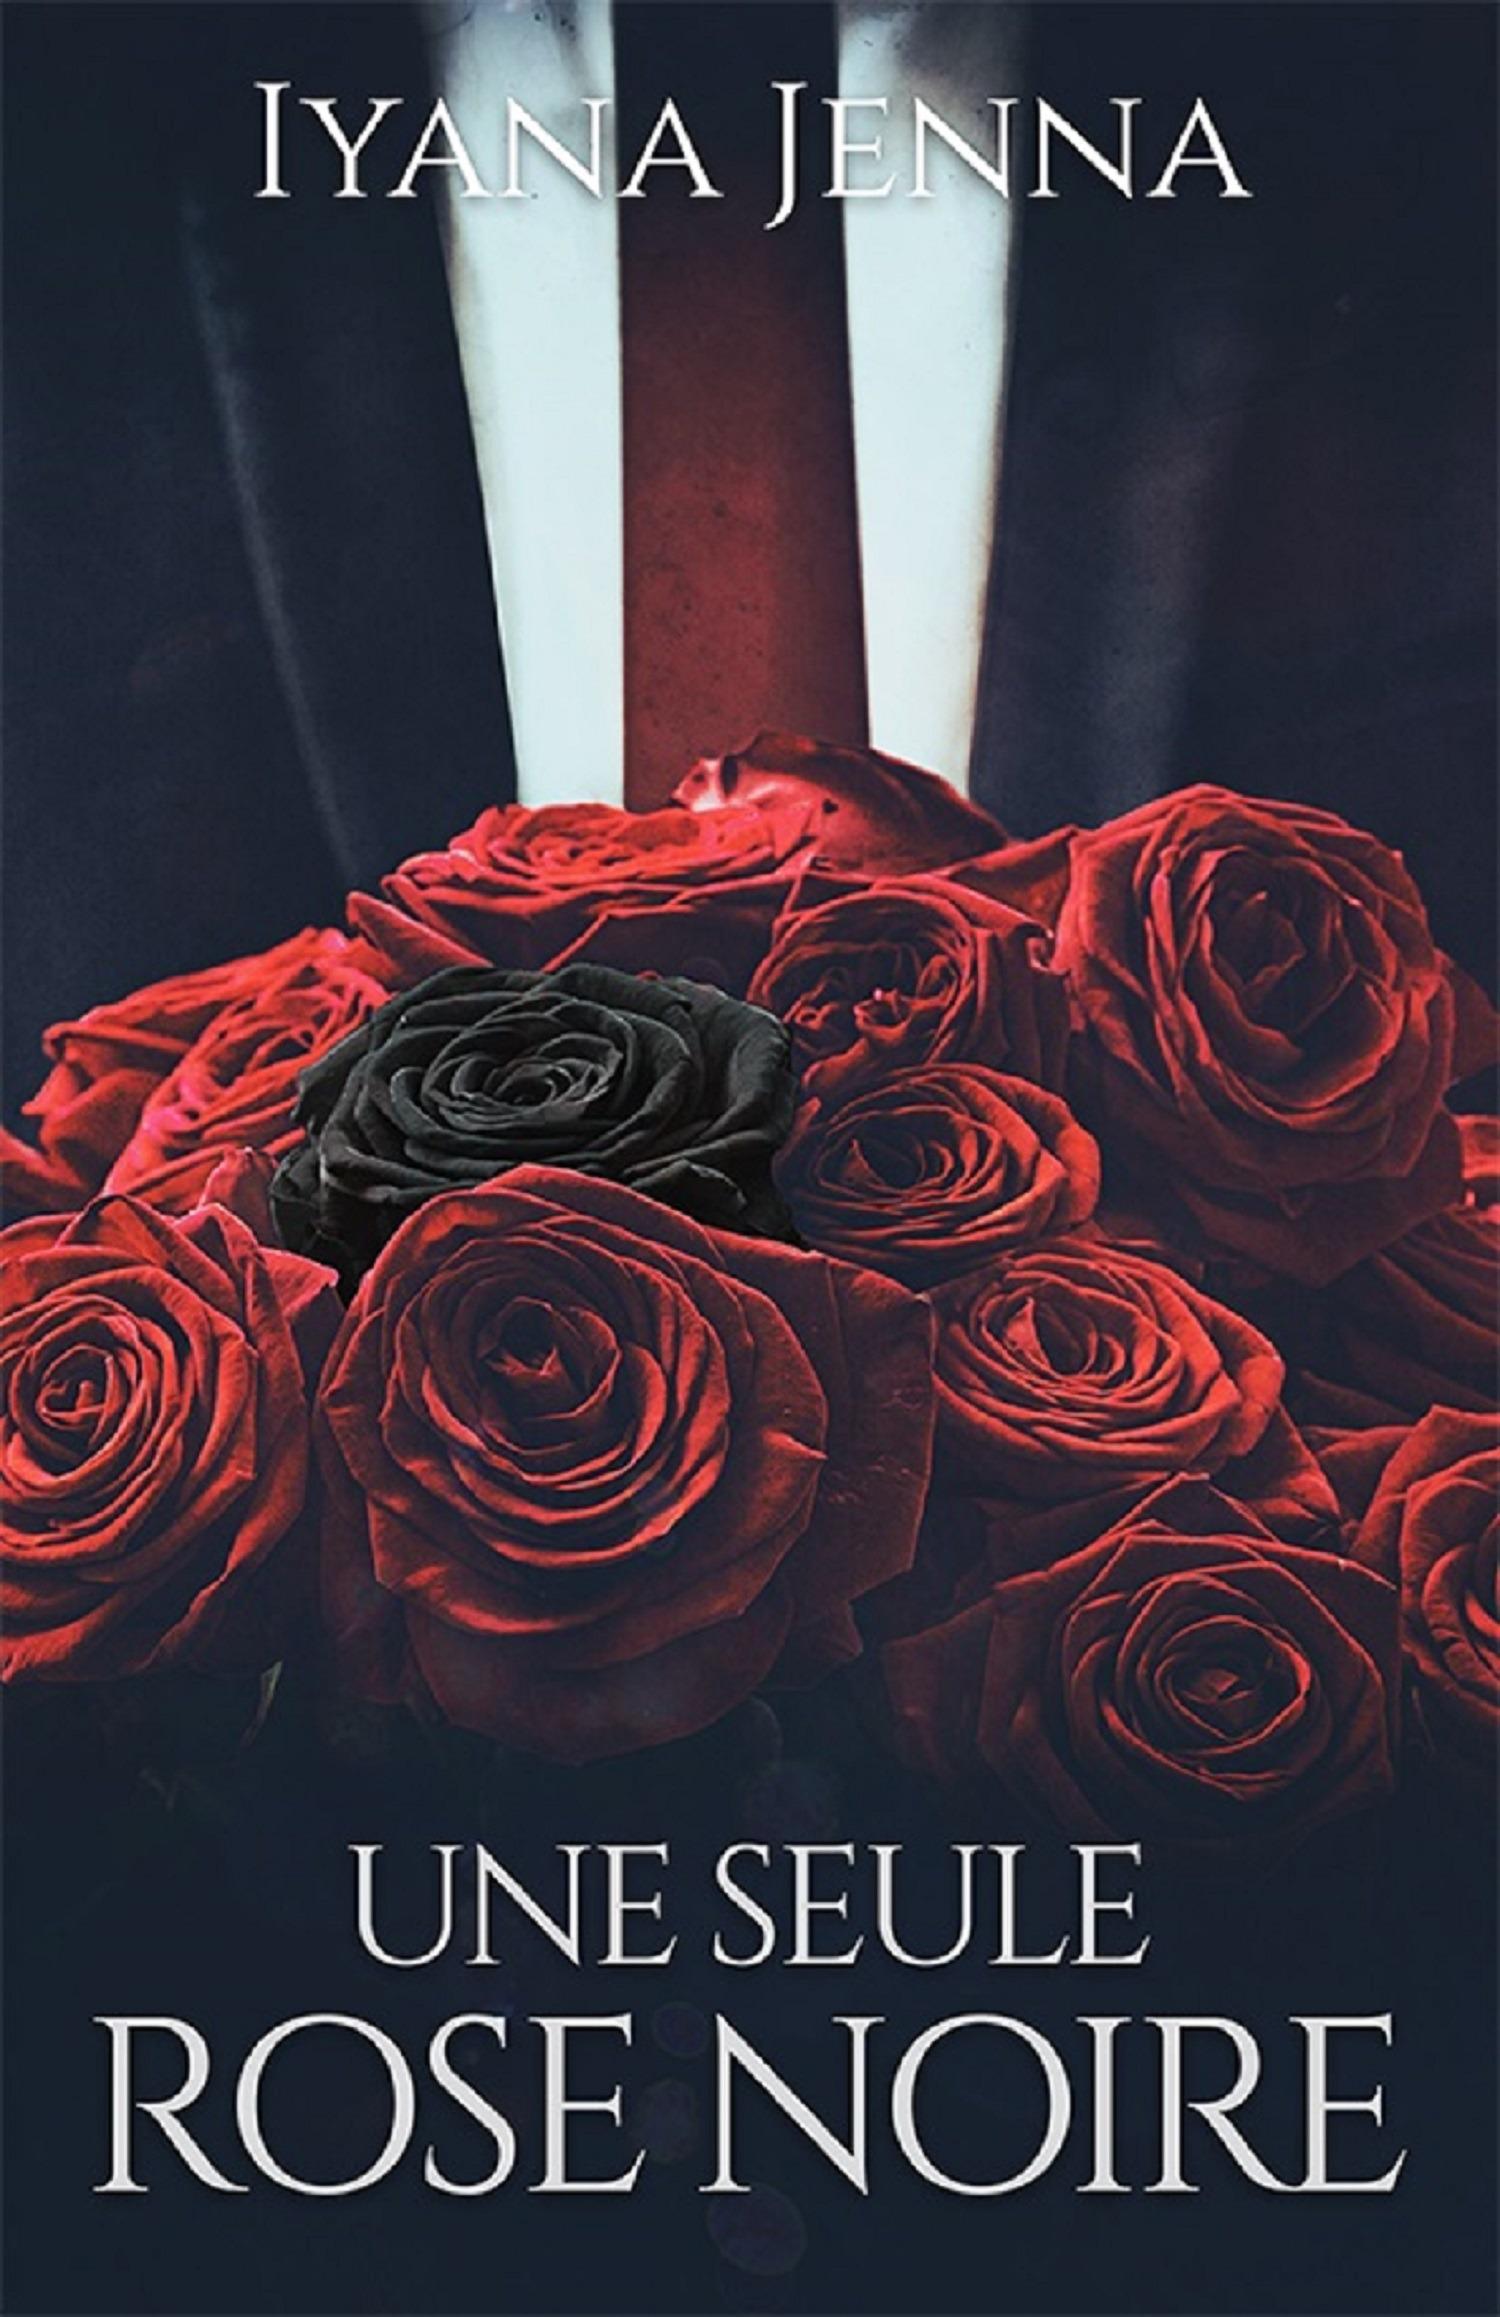 Une seule rose noire